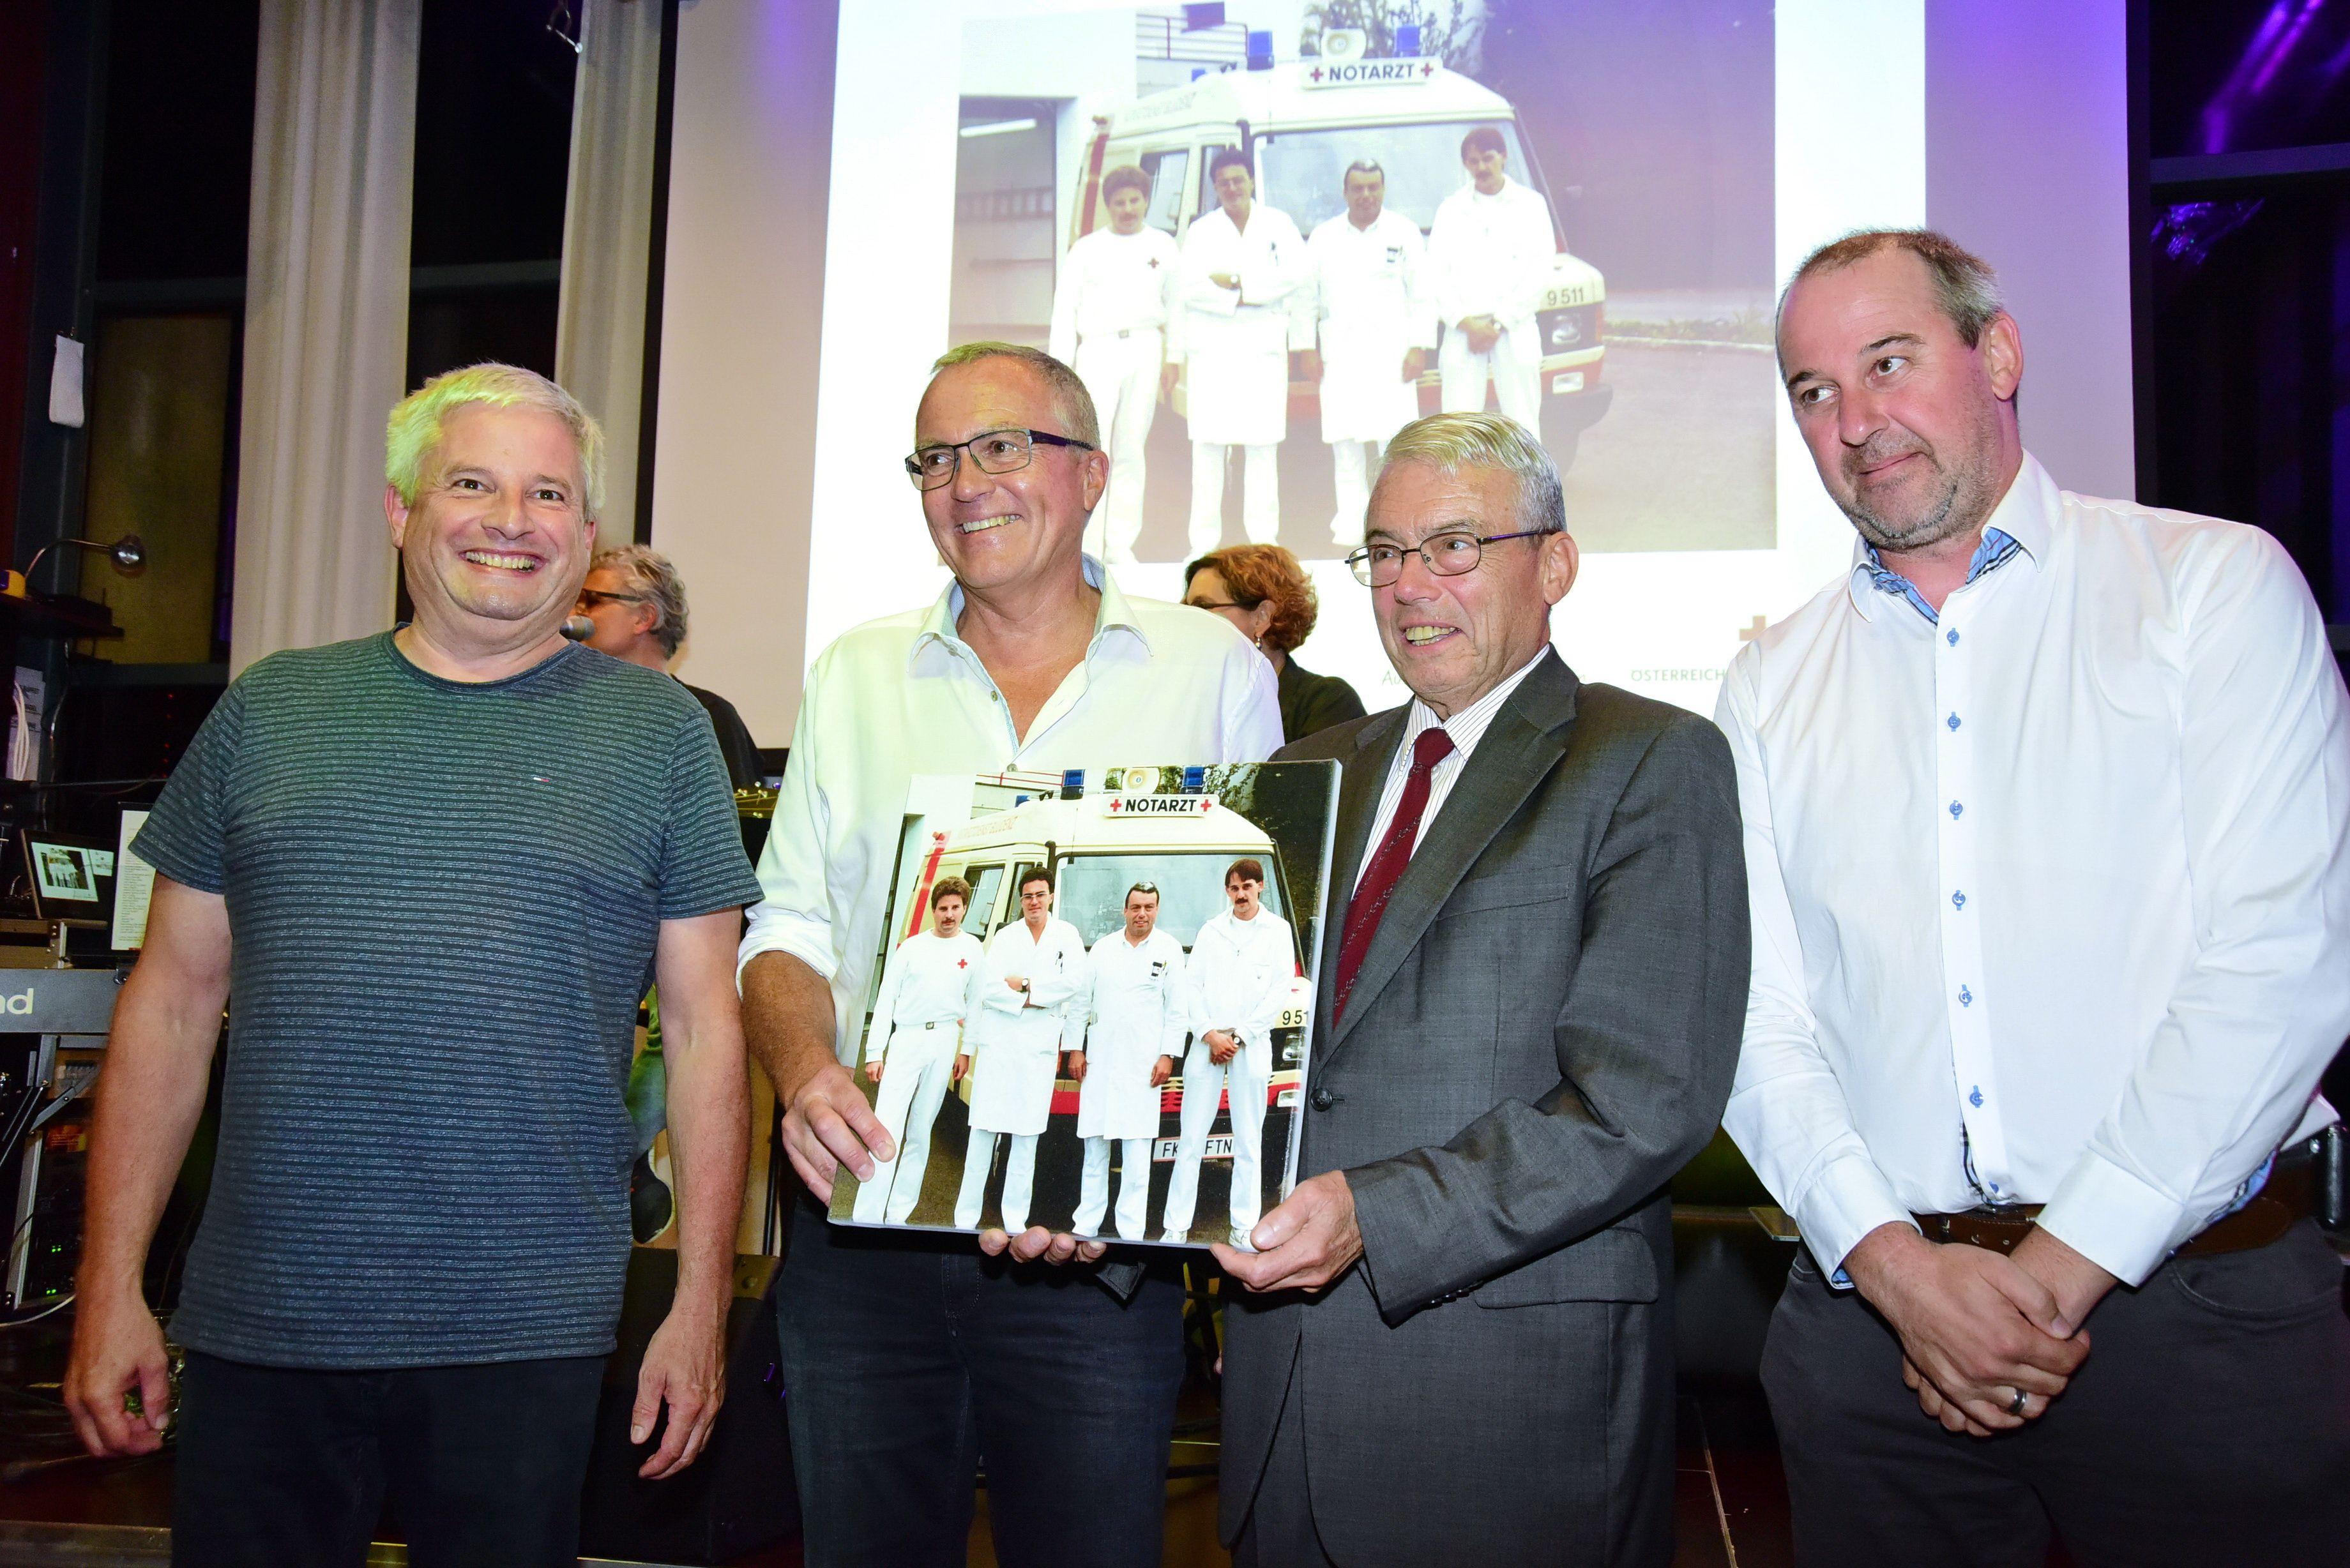 Vorarlberg: 25 Jahre Notarztdienst in Bludenz